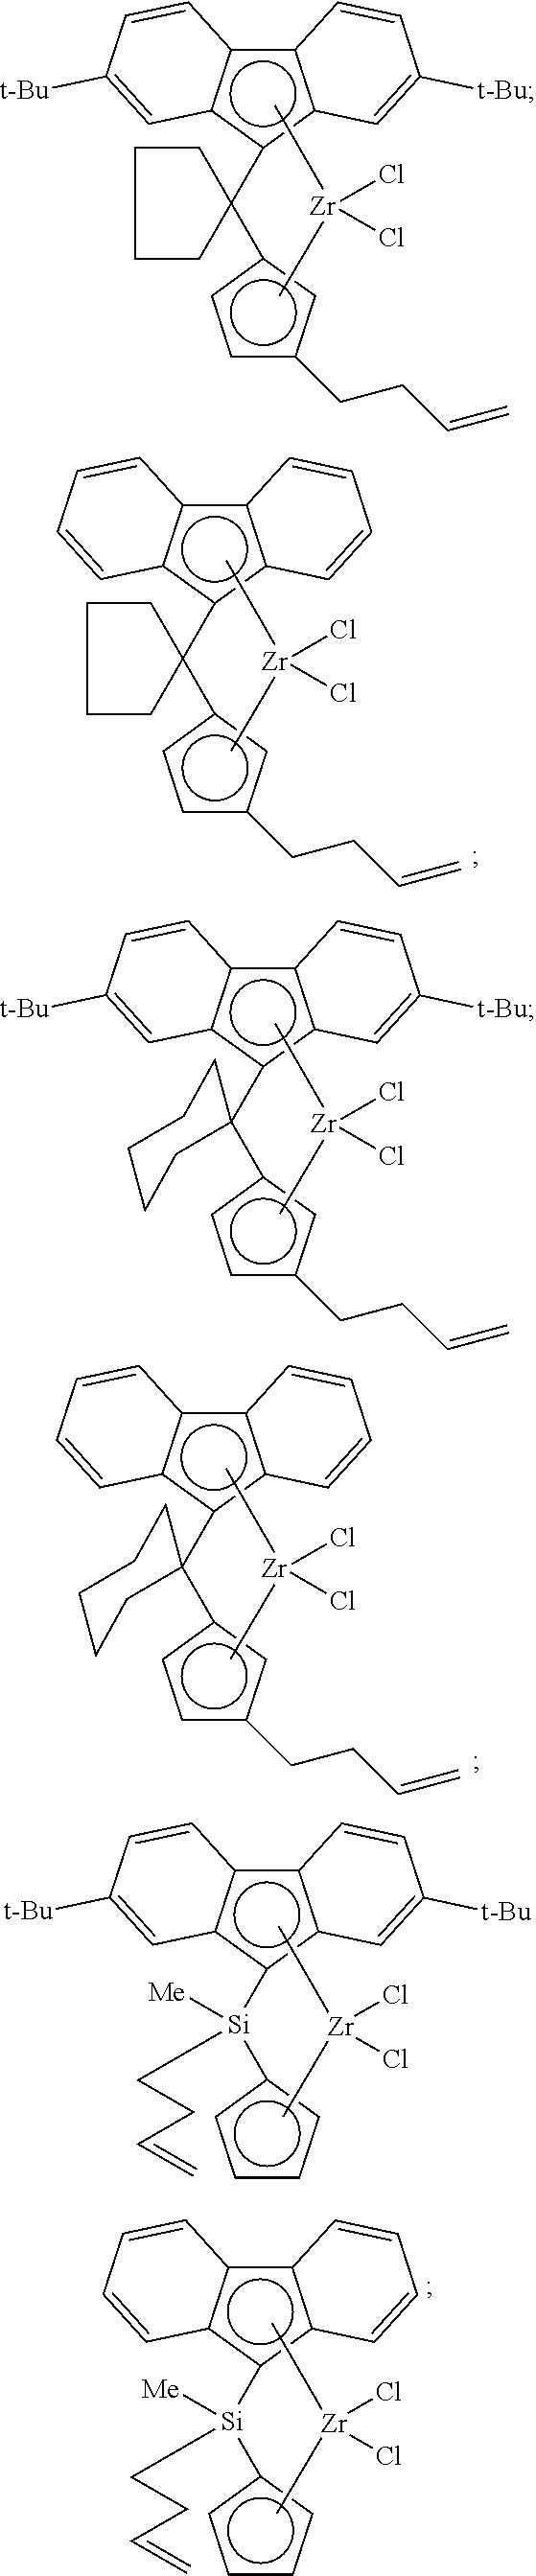 Figure US08450436-20130528-C00012